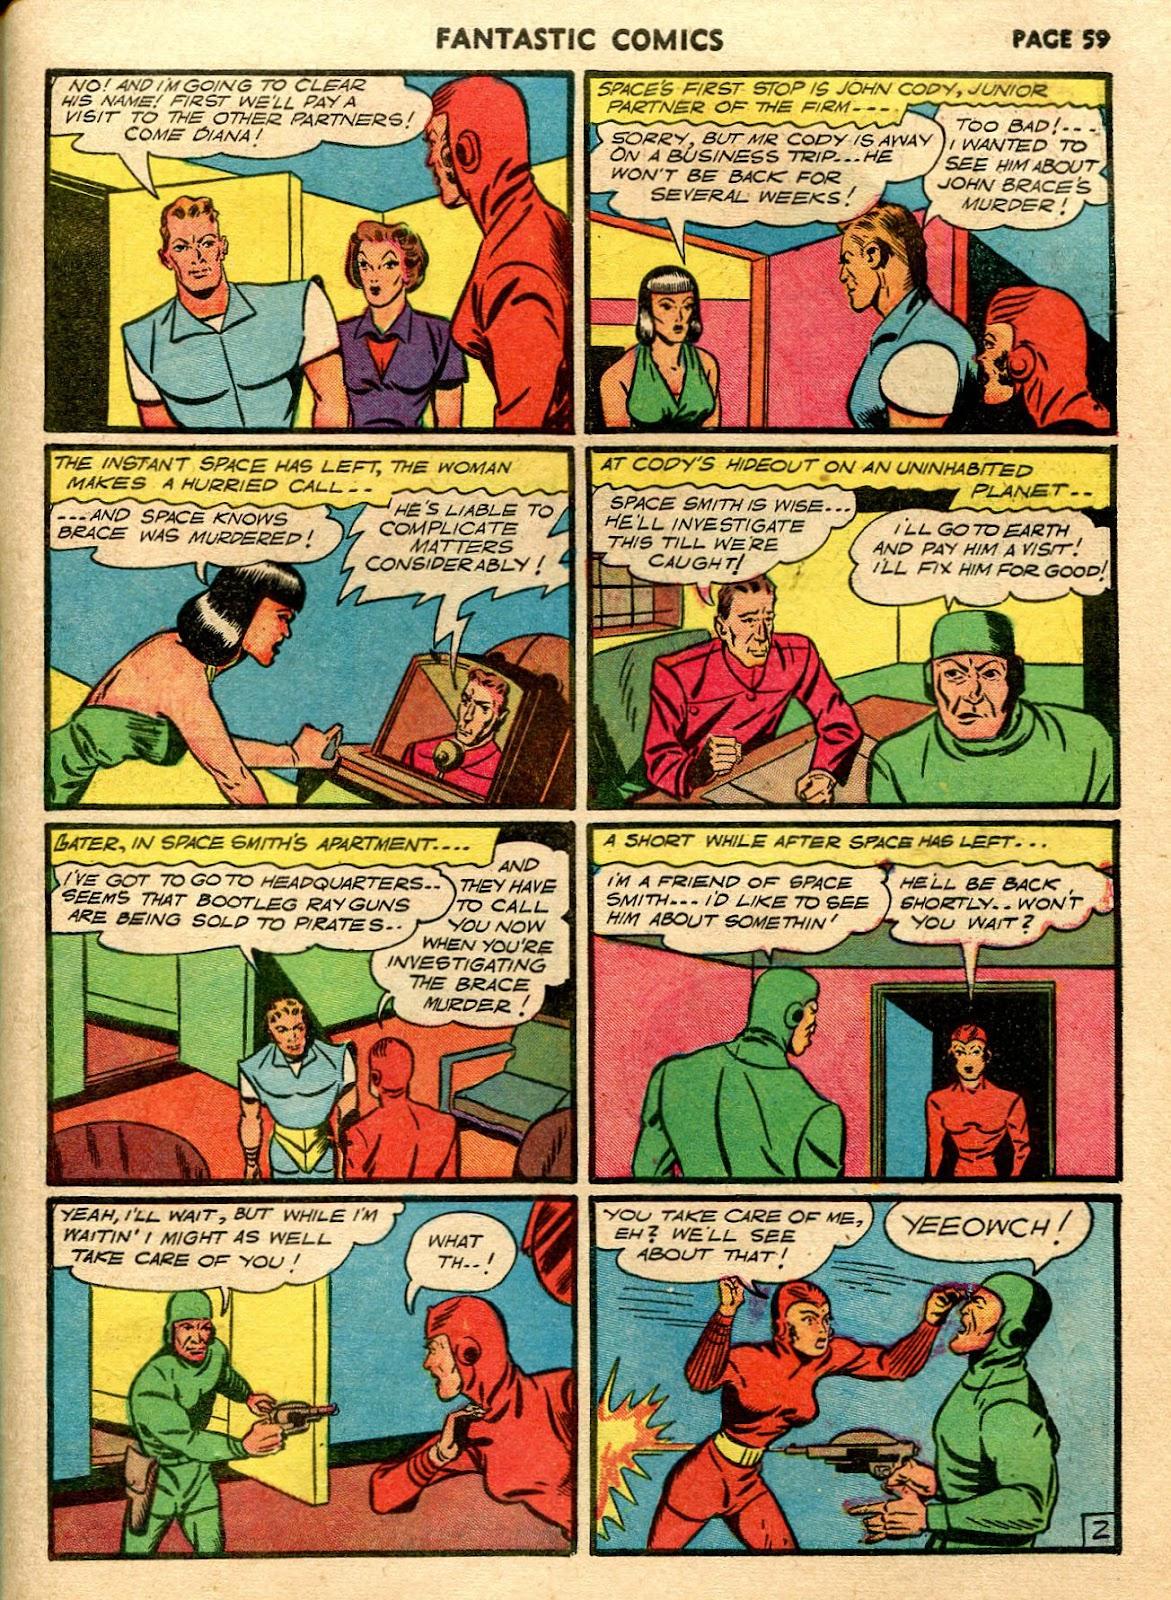 Read online Fantastic Comics comic -  Issue #21 - 57